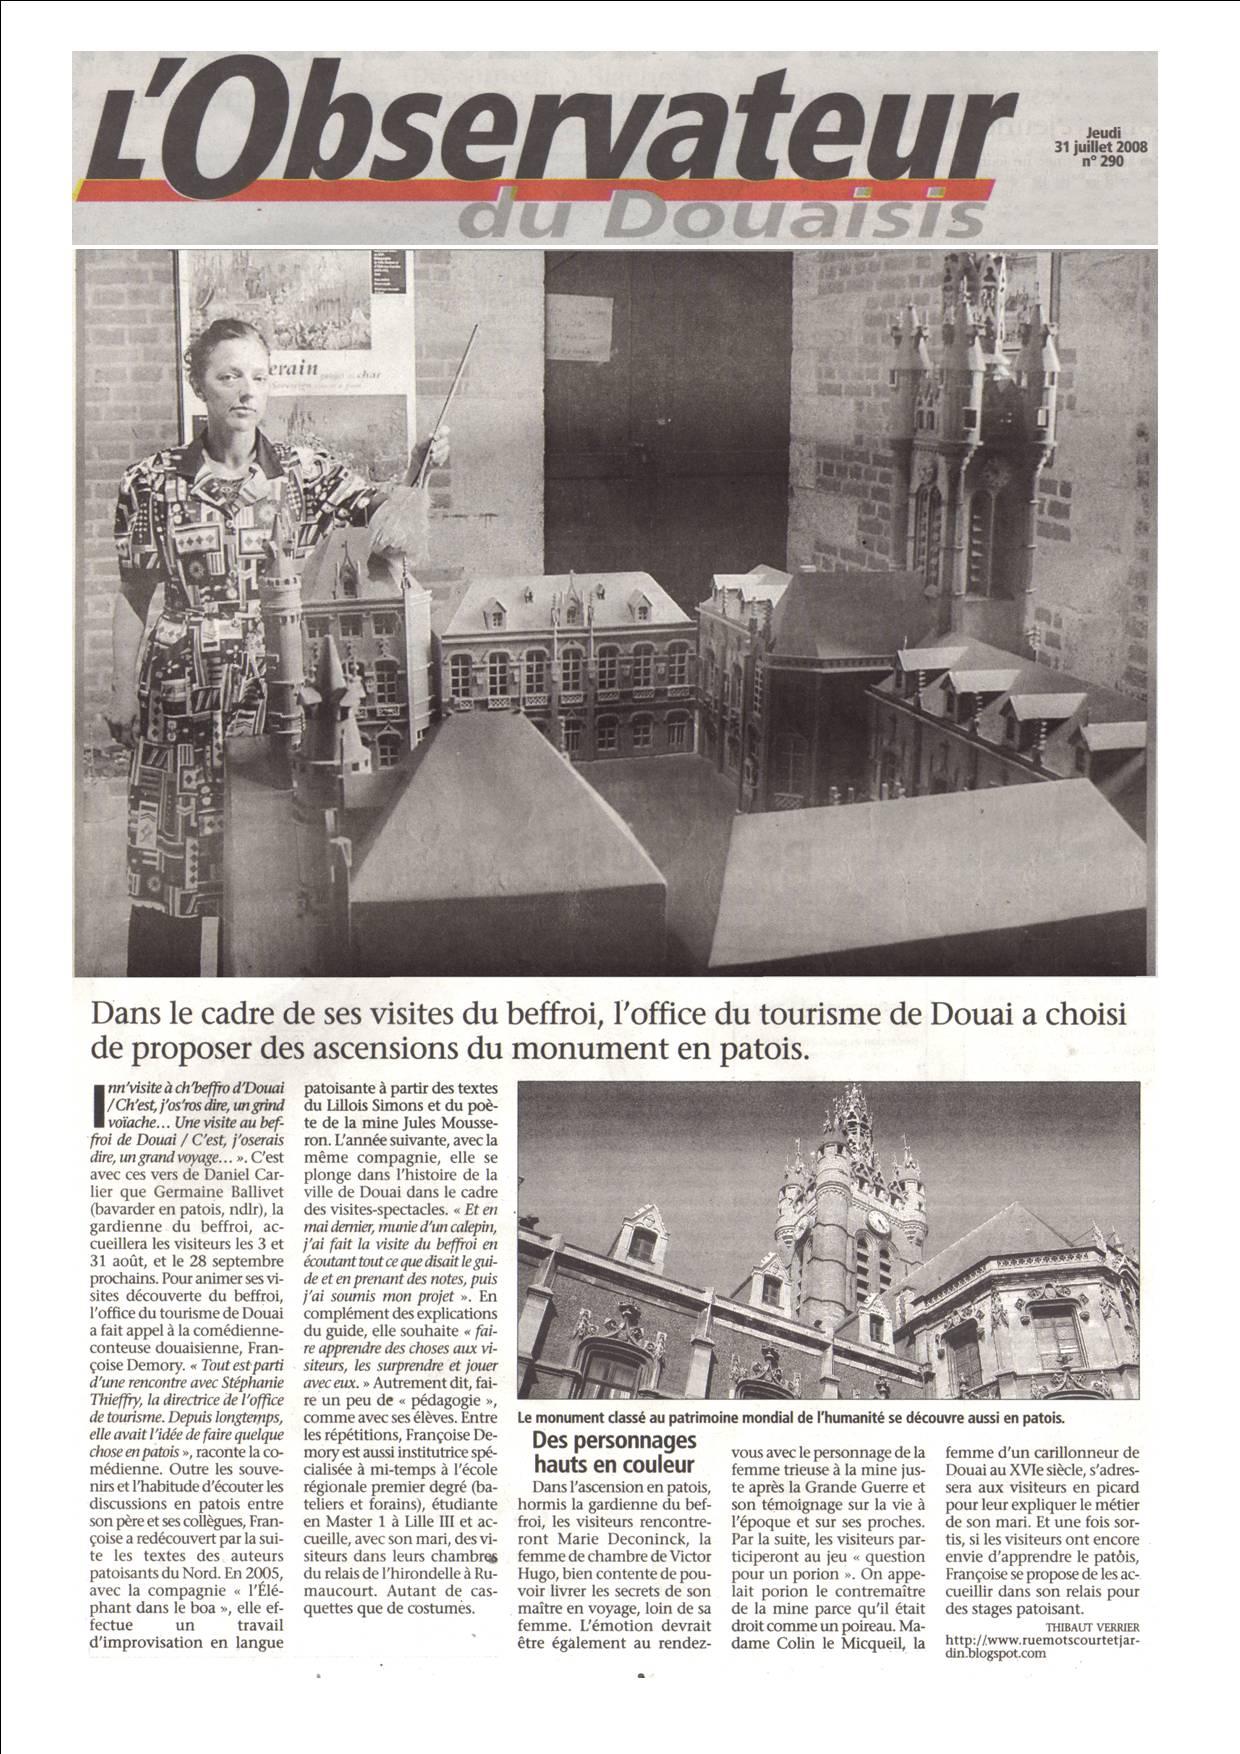 article visite beffroi 2008 observateur douaisis